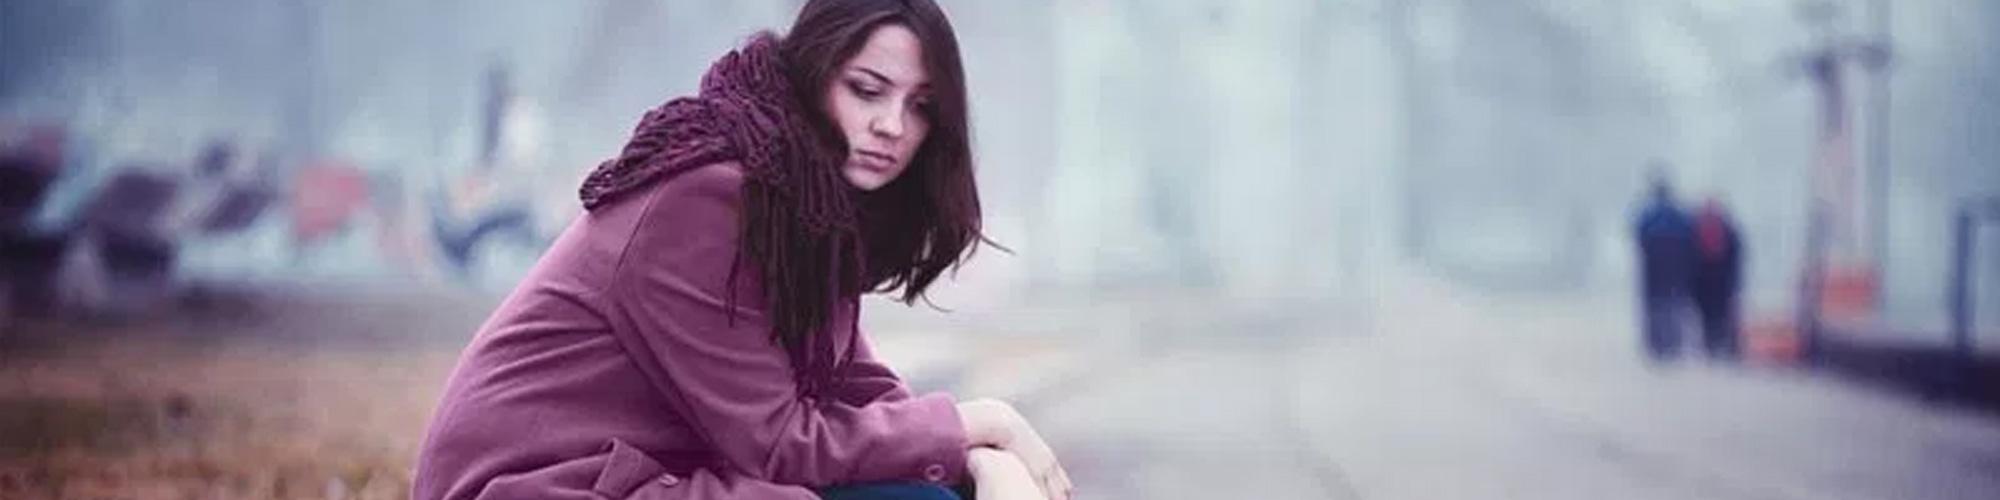 ensomhed social angst terapi aarhus fleksibel tider-vivi-hinrichs